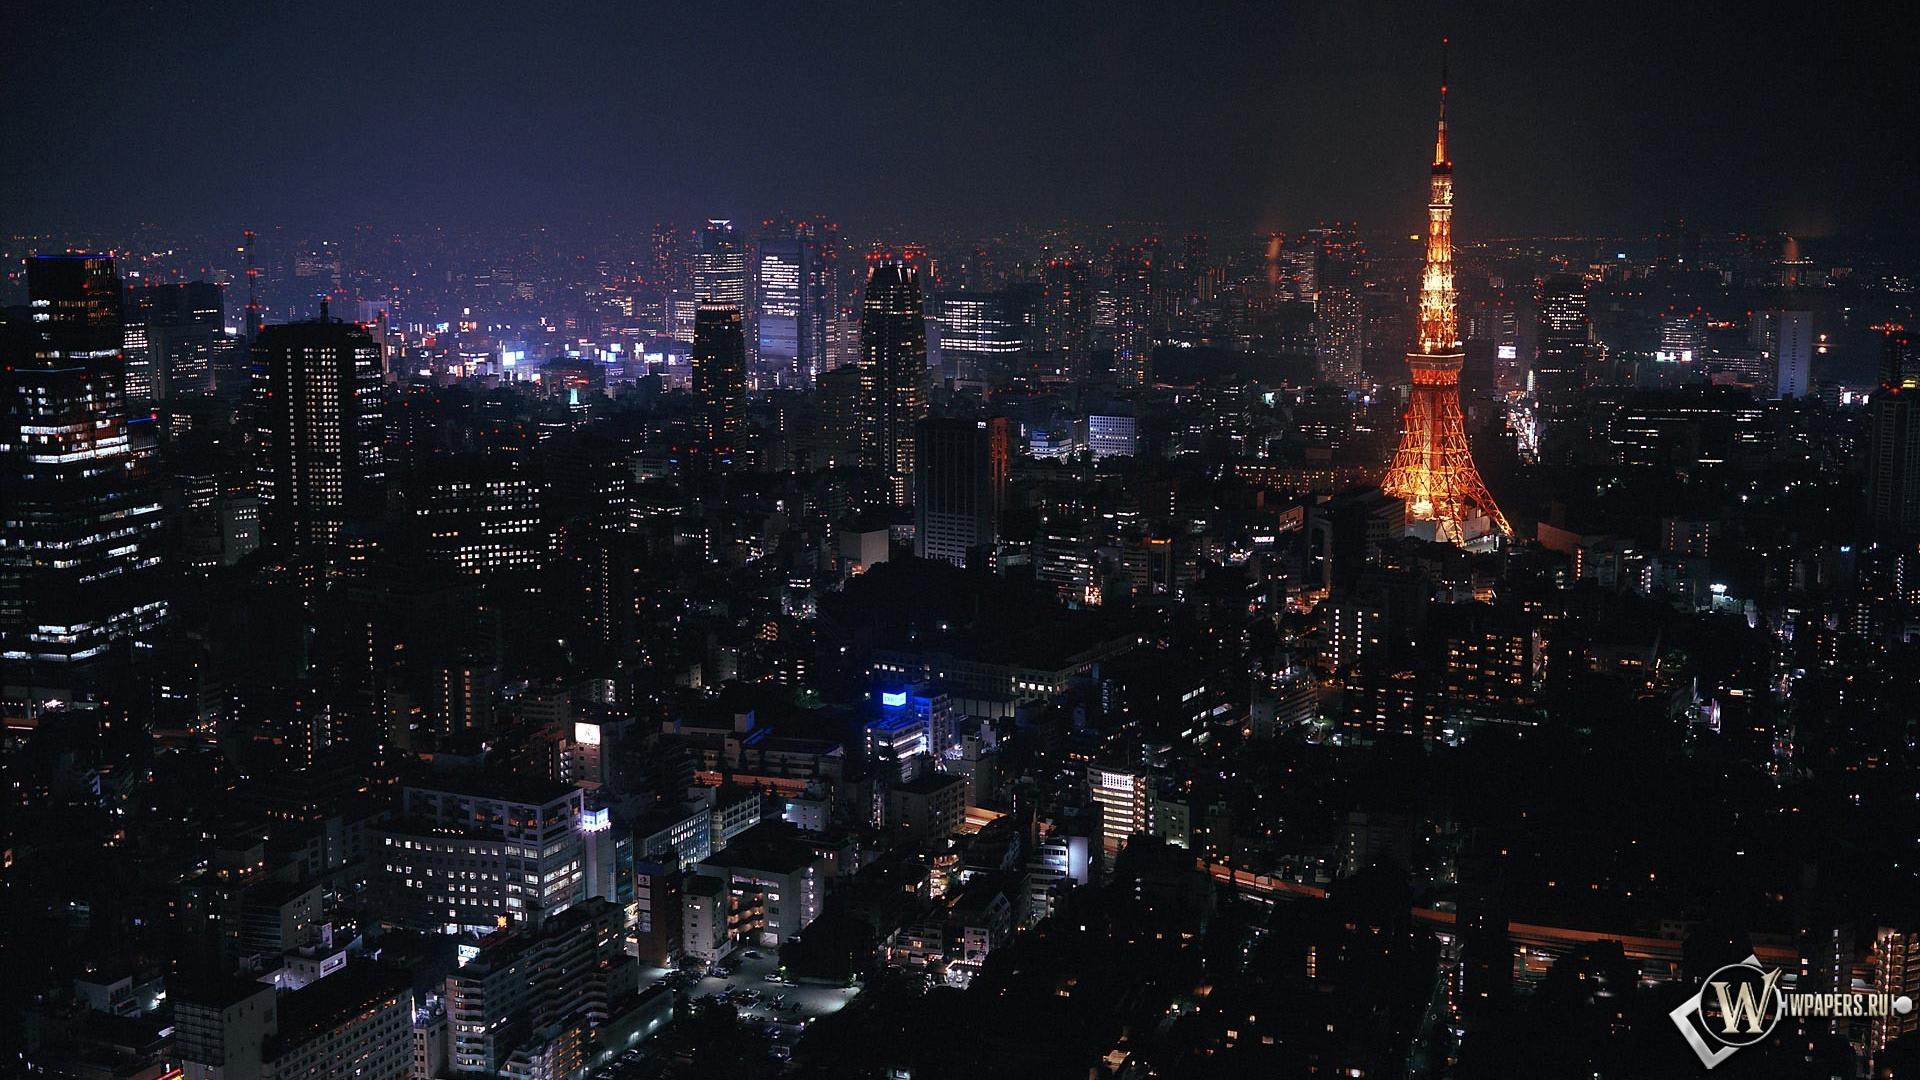 Токио ночью 1920x1080